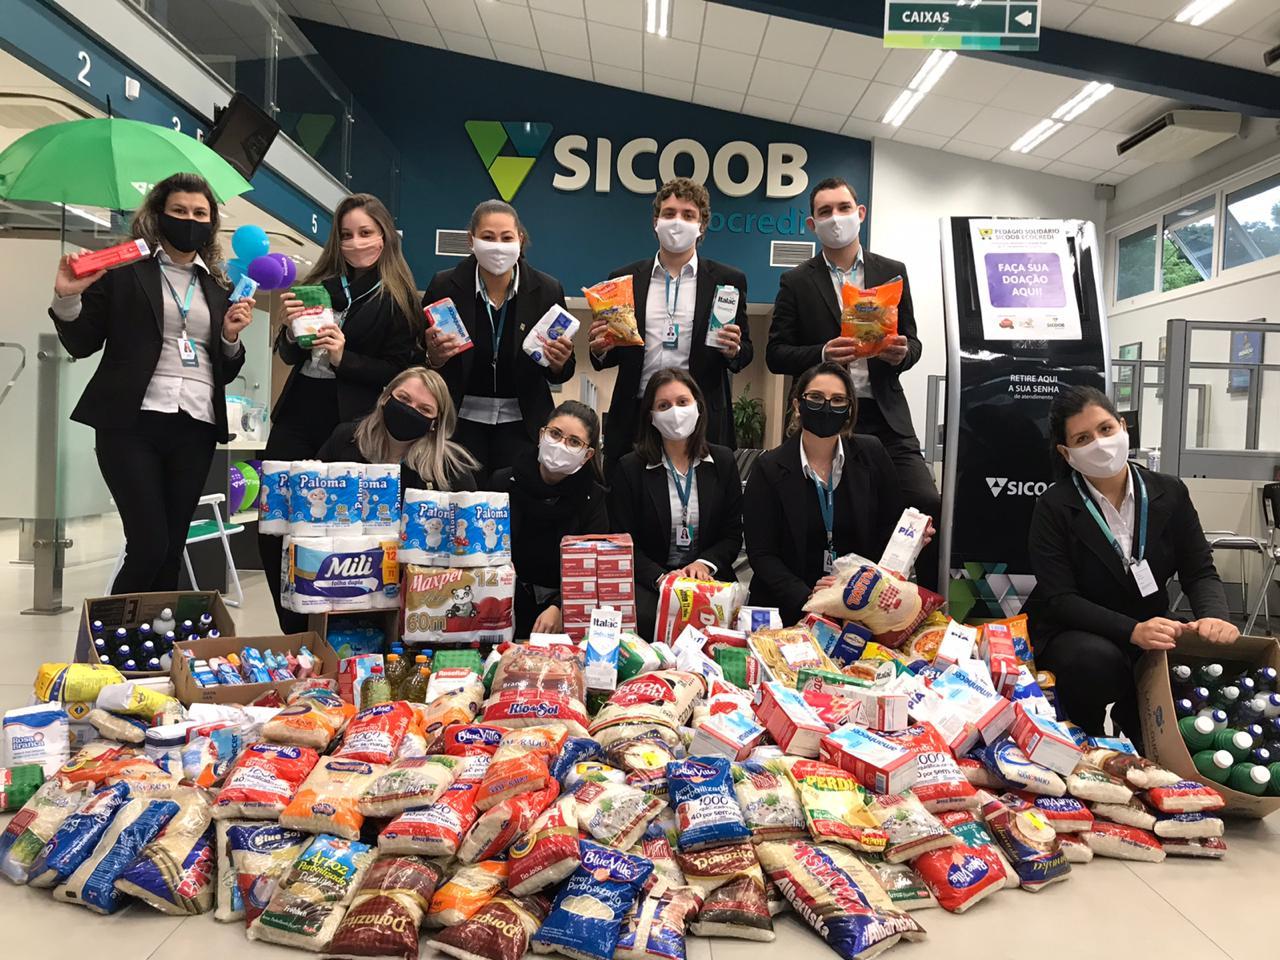 Vitrine do Bem: Pedágio Solidário do Sicoob arrecadou 1,5 tonelada de doações